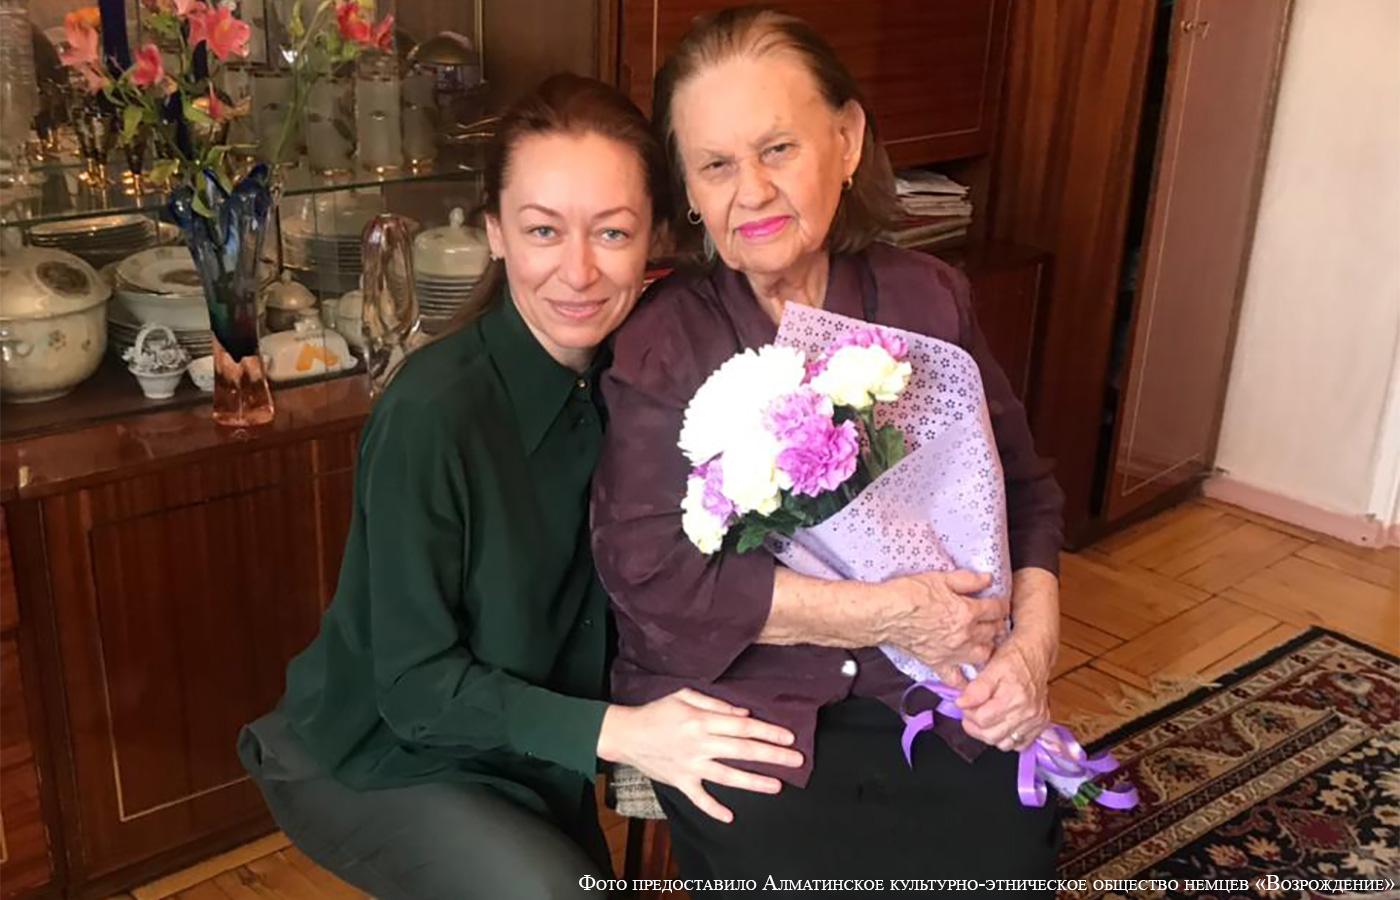 Almatiner gratulieren Belgers Witwe zum Jubiläum